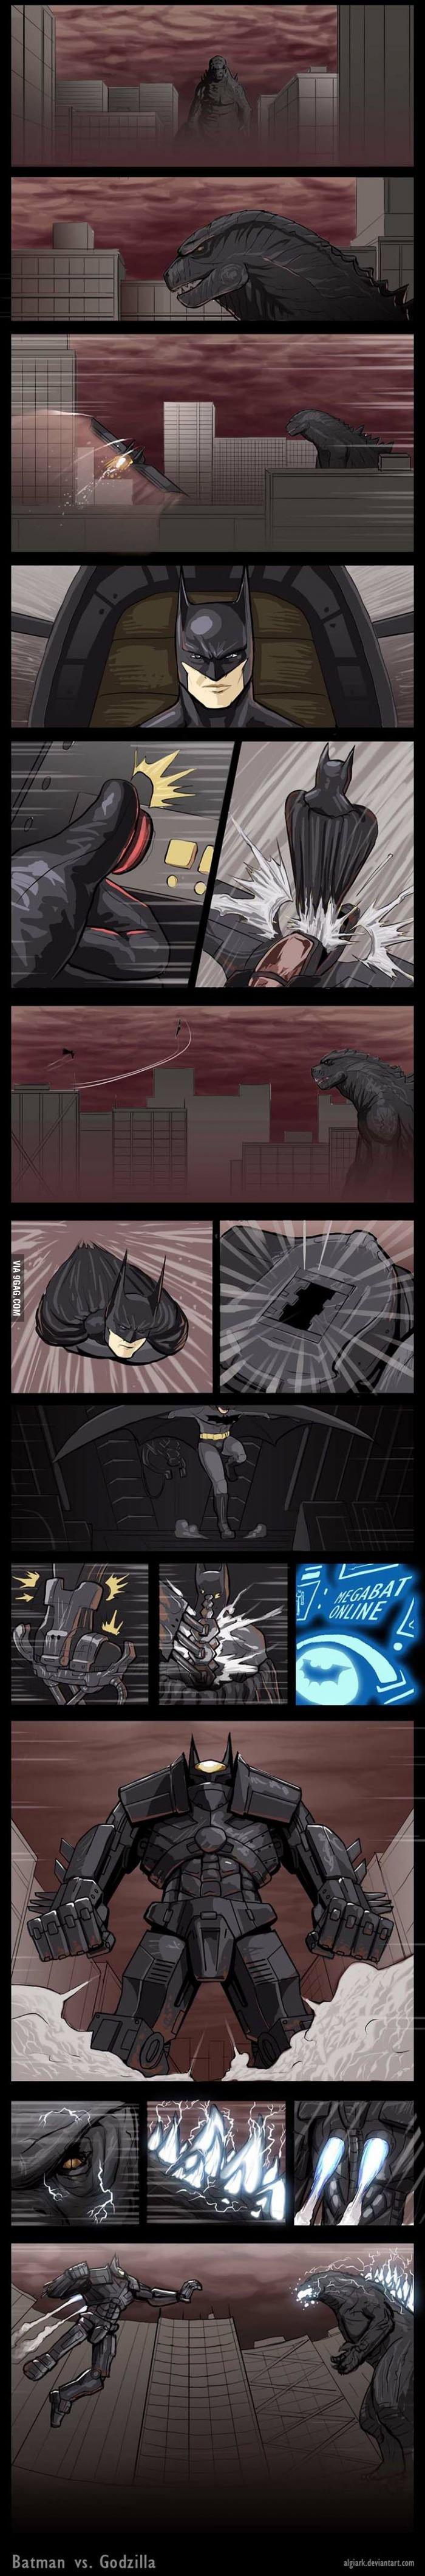 Batman vs Godzilla. - Изображение 1